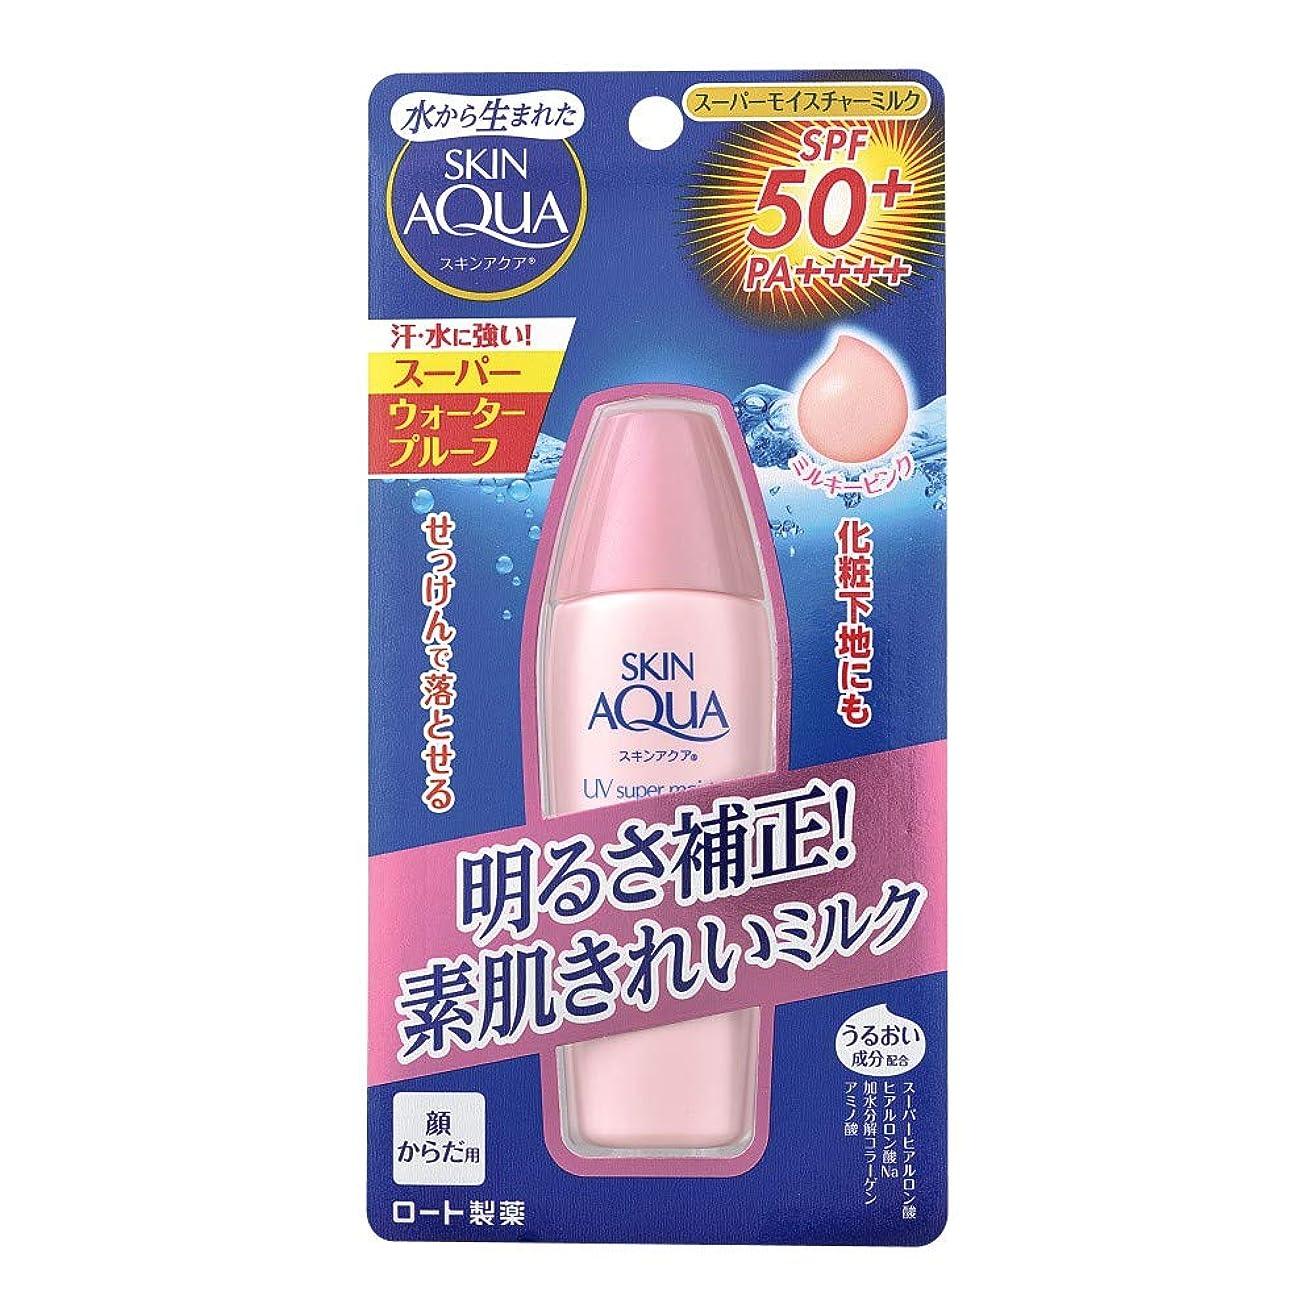 結婚うまふさわしいスキンアクア (SKIN AQUA) 日焼け止め スーパーモイスチャーミルク 潤い成分4種配合 水感ミルク ミルキーピンク (SPF50 PA++++) 40mL ※スーパーウォータープルーフ